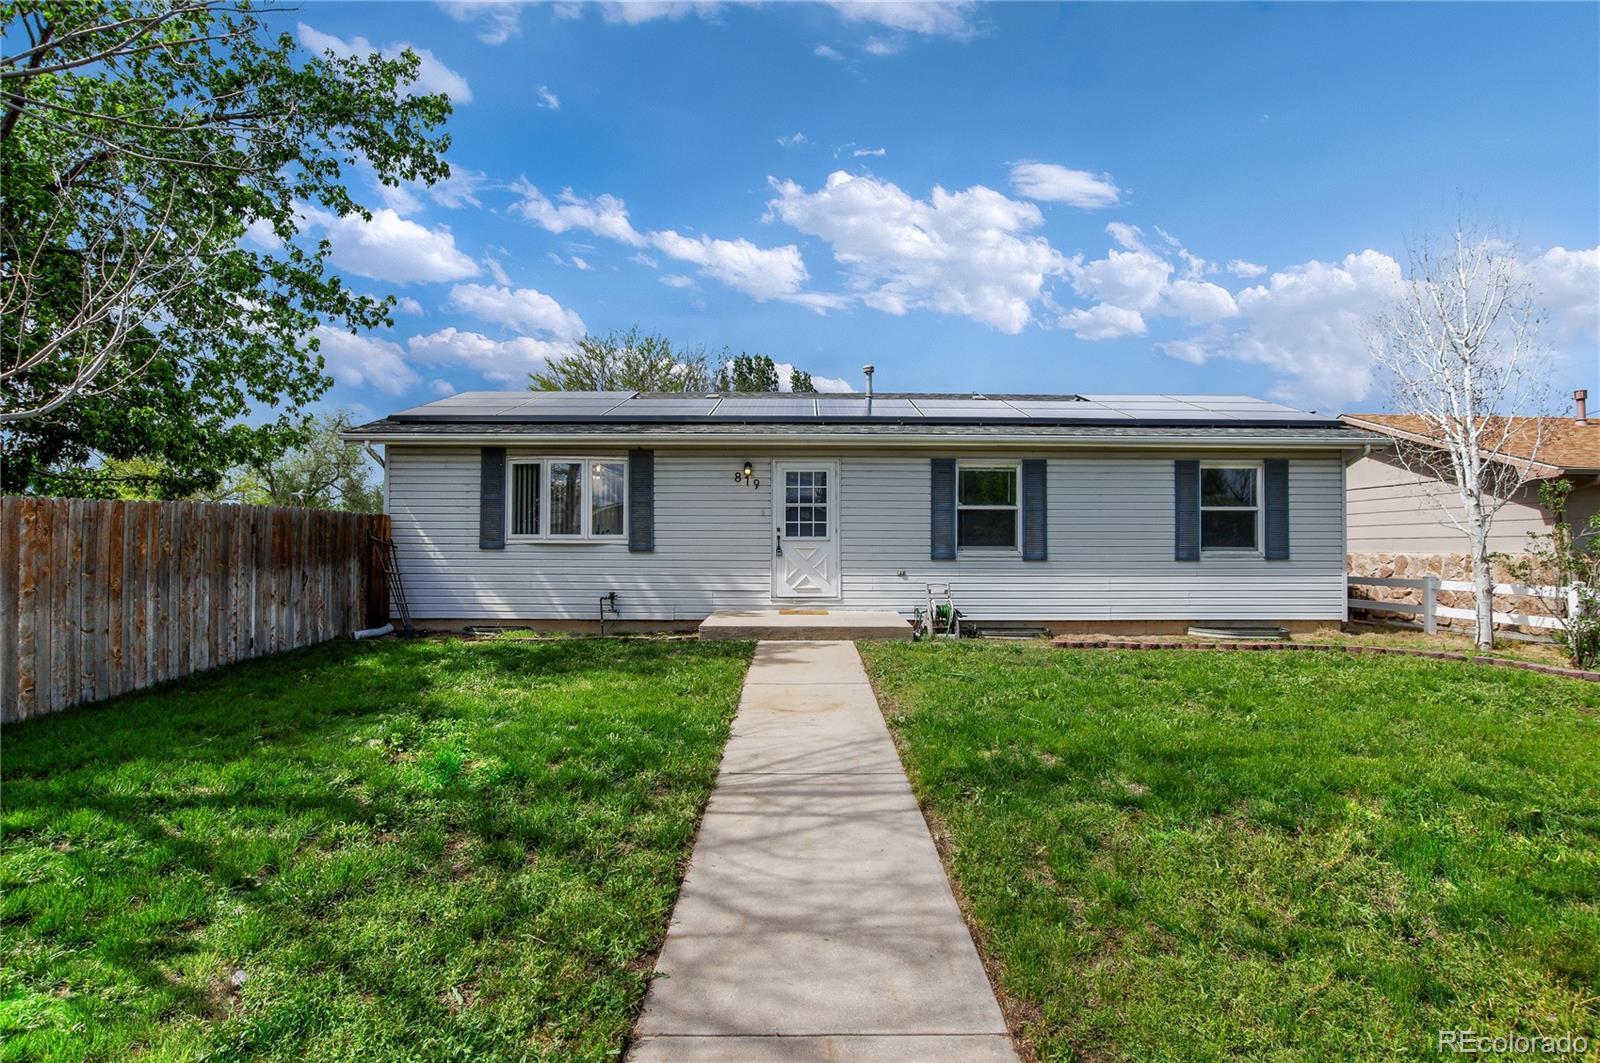 819 42nd Street, Evans, CO 80620 - Evans, CO real estate listing